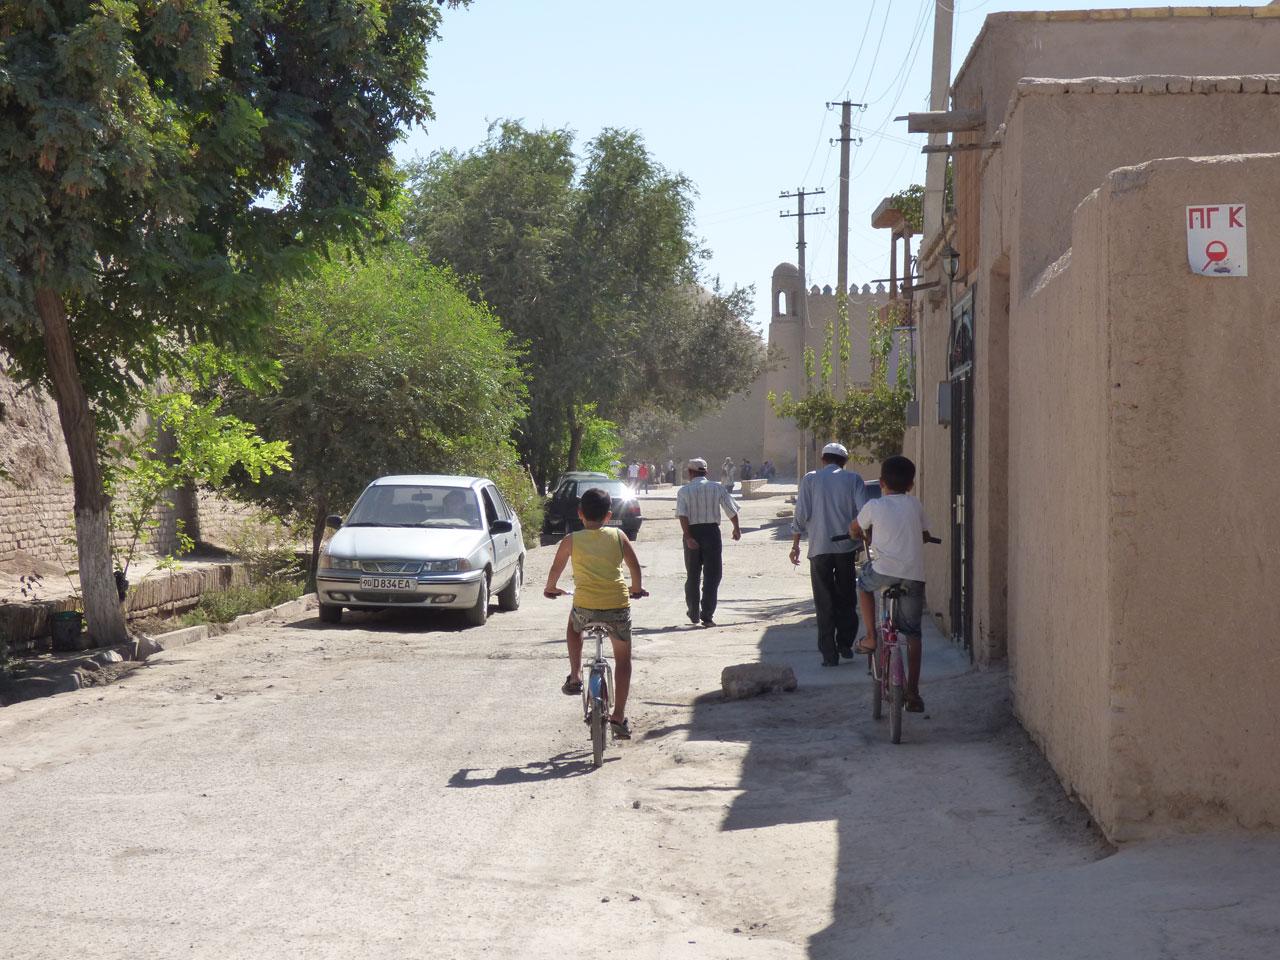 Residential street in Khiva